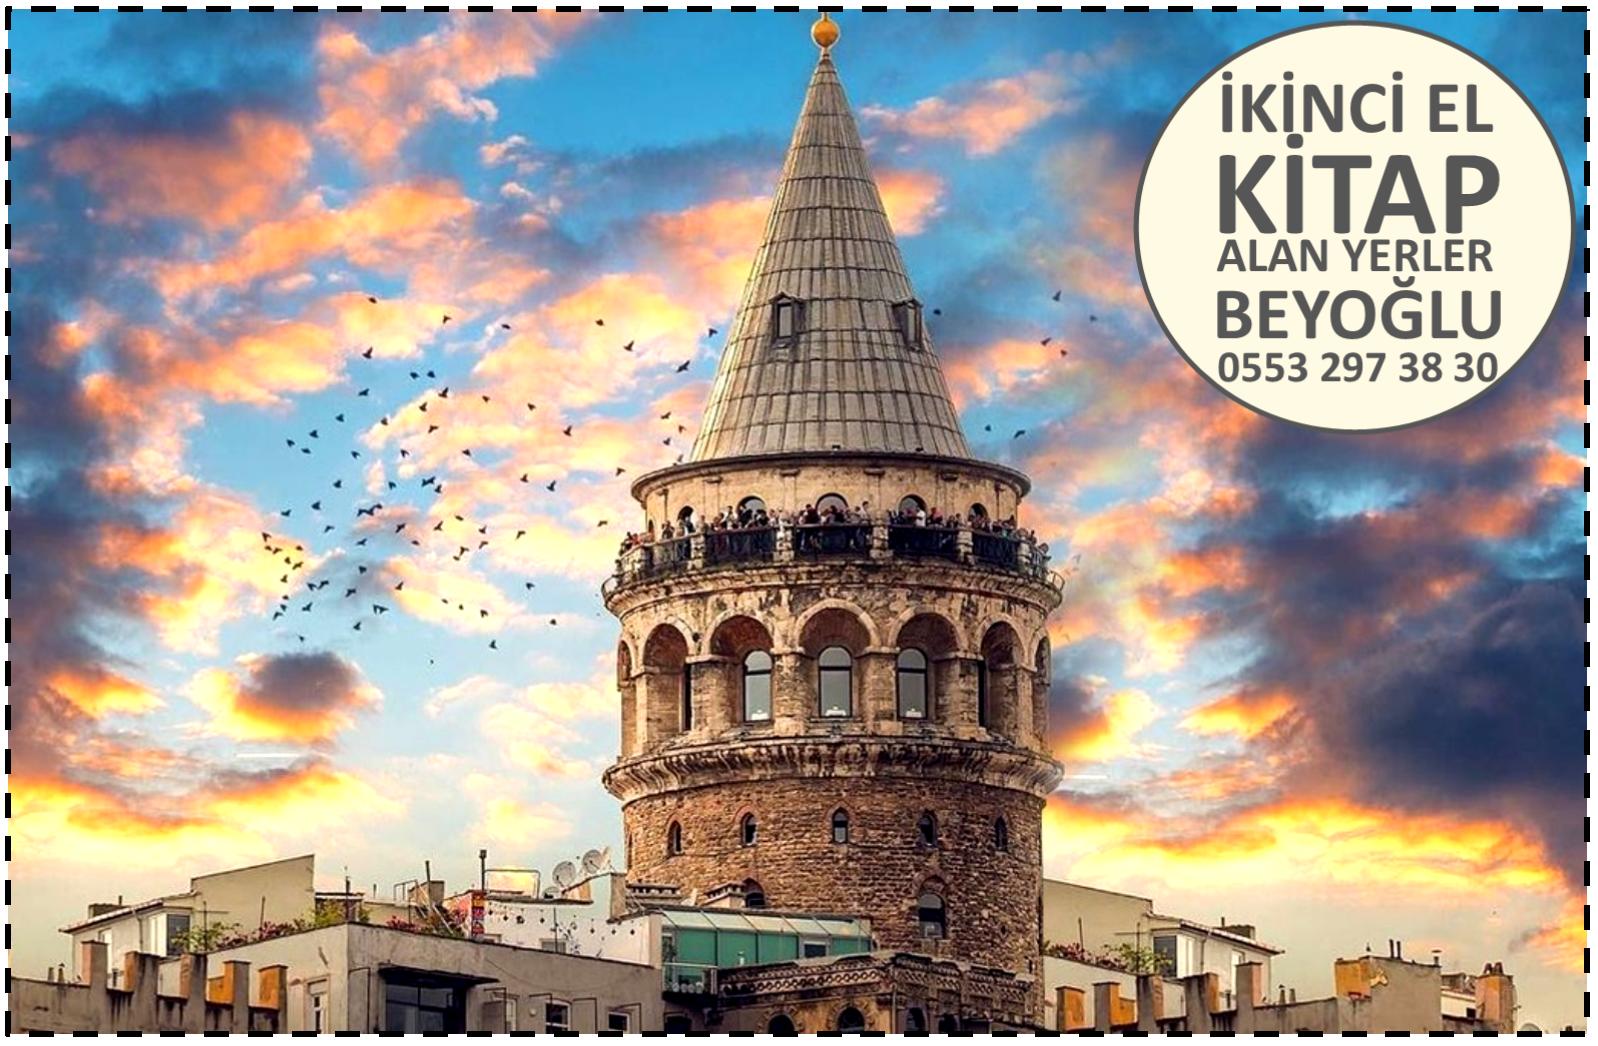 İkinci El Kitap Alan Yerler Beyoğlu / İstanbul - 0553 297 38 30